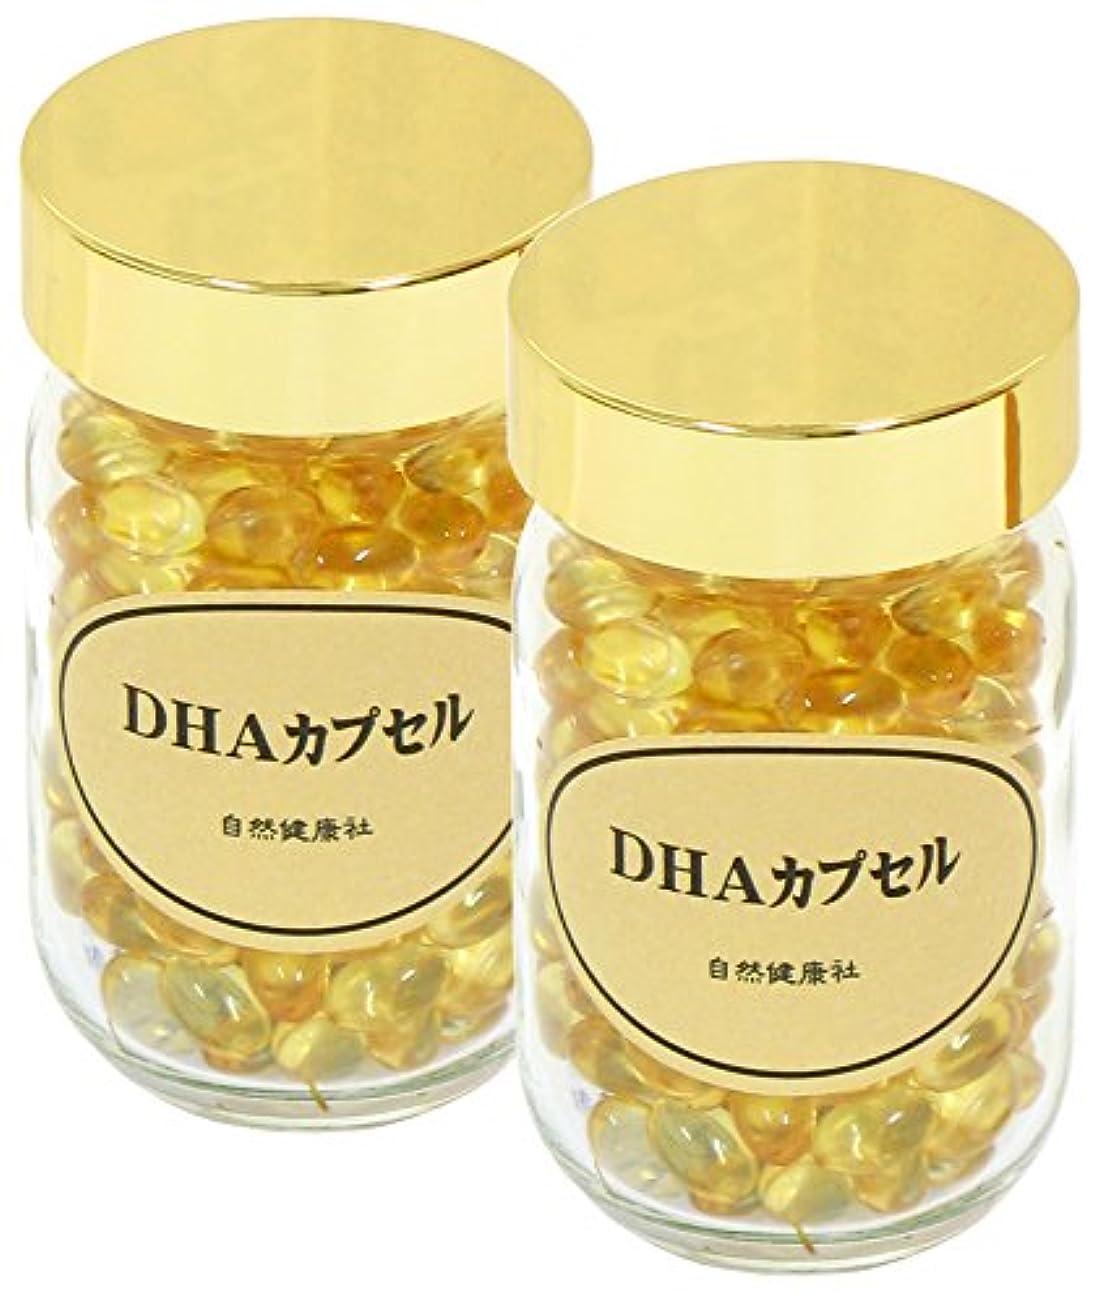 研究間違いなくペンダント自然健康社 DHAカプセル 95g(460mg×206粒)×2個 ビン入り